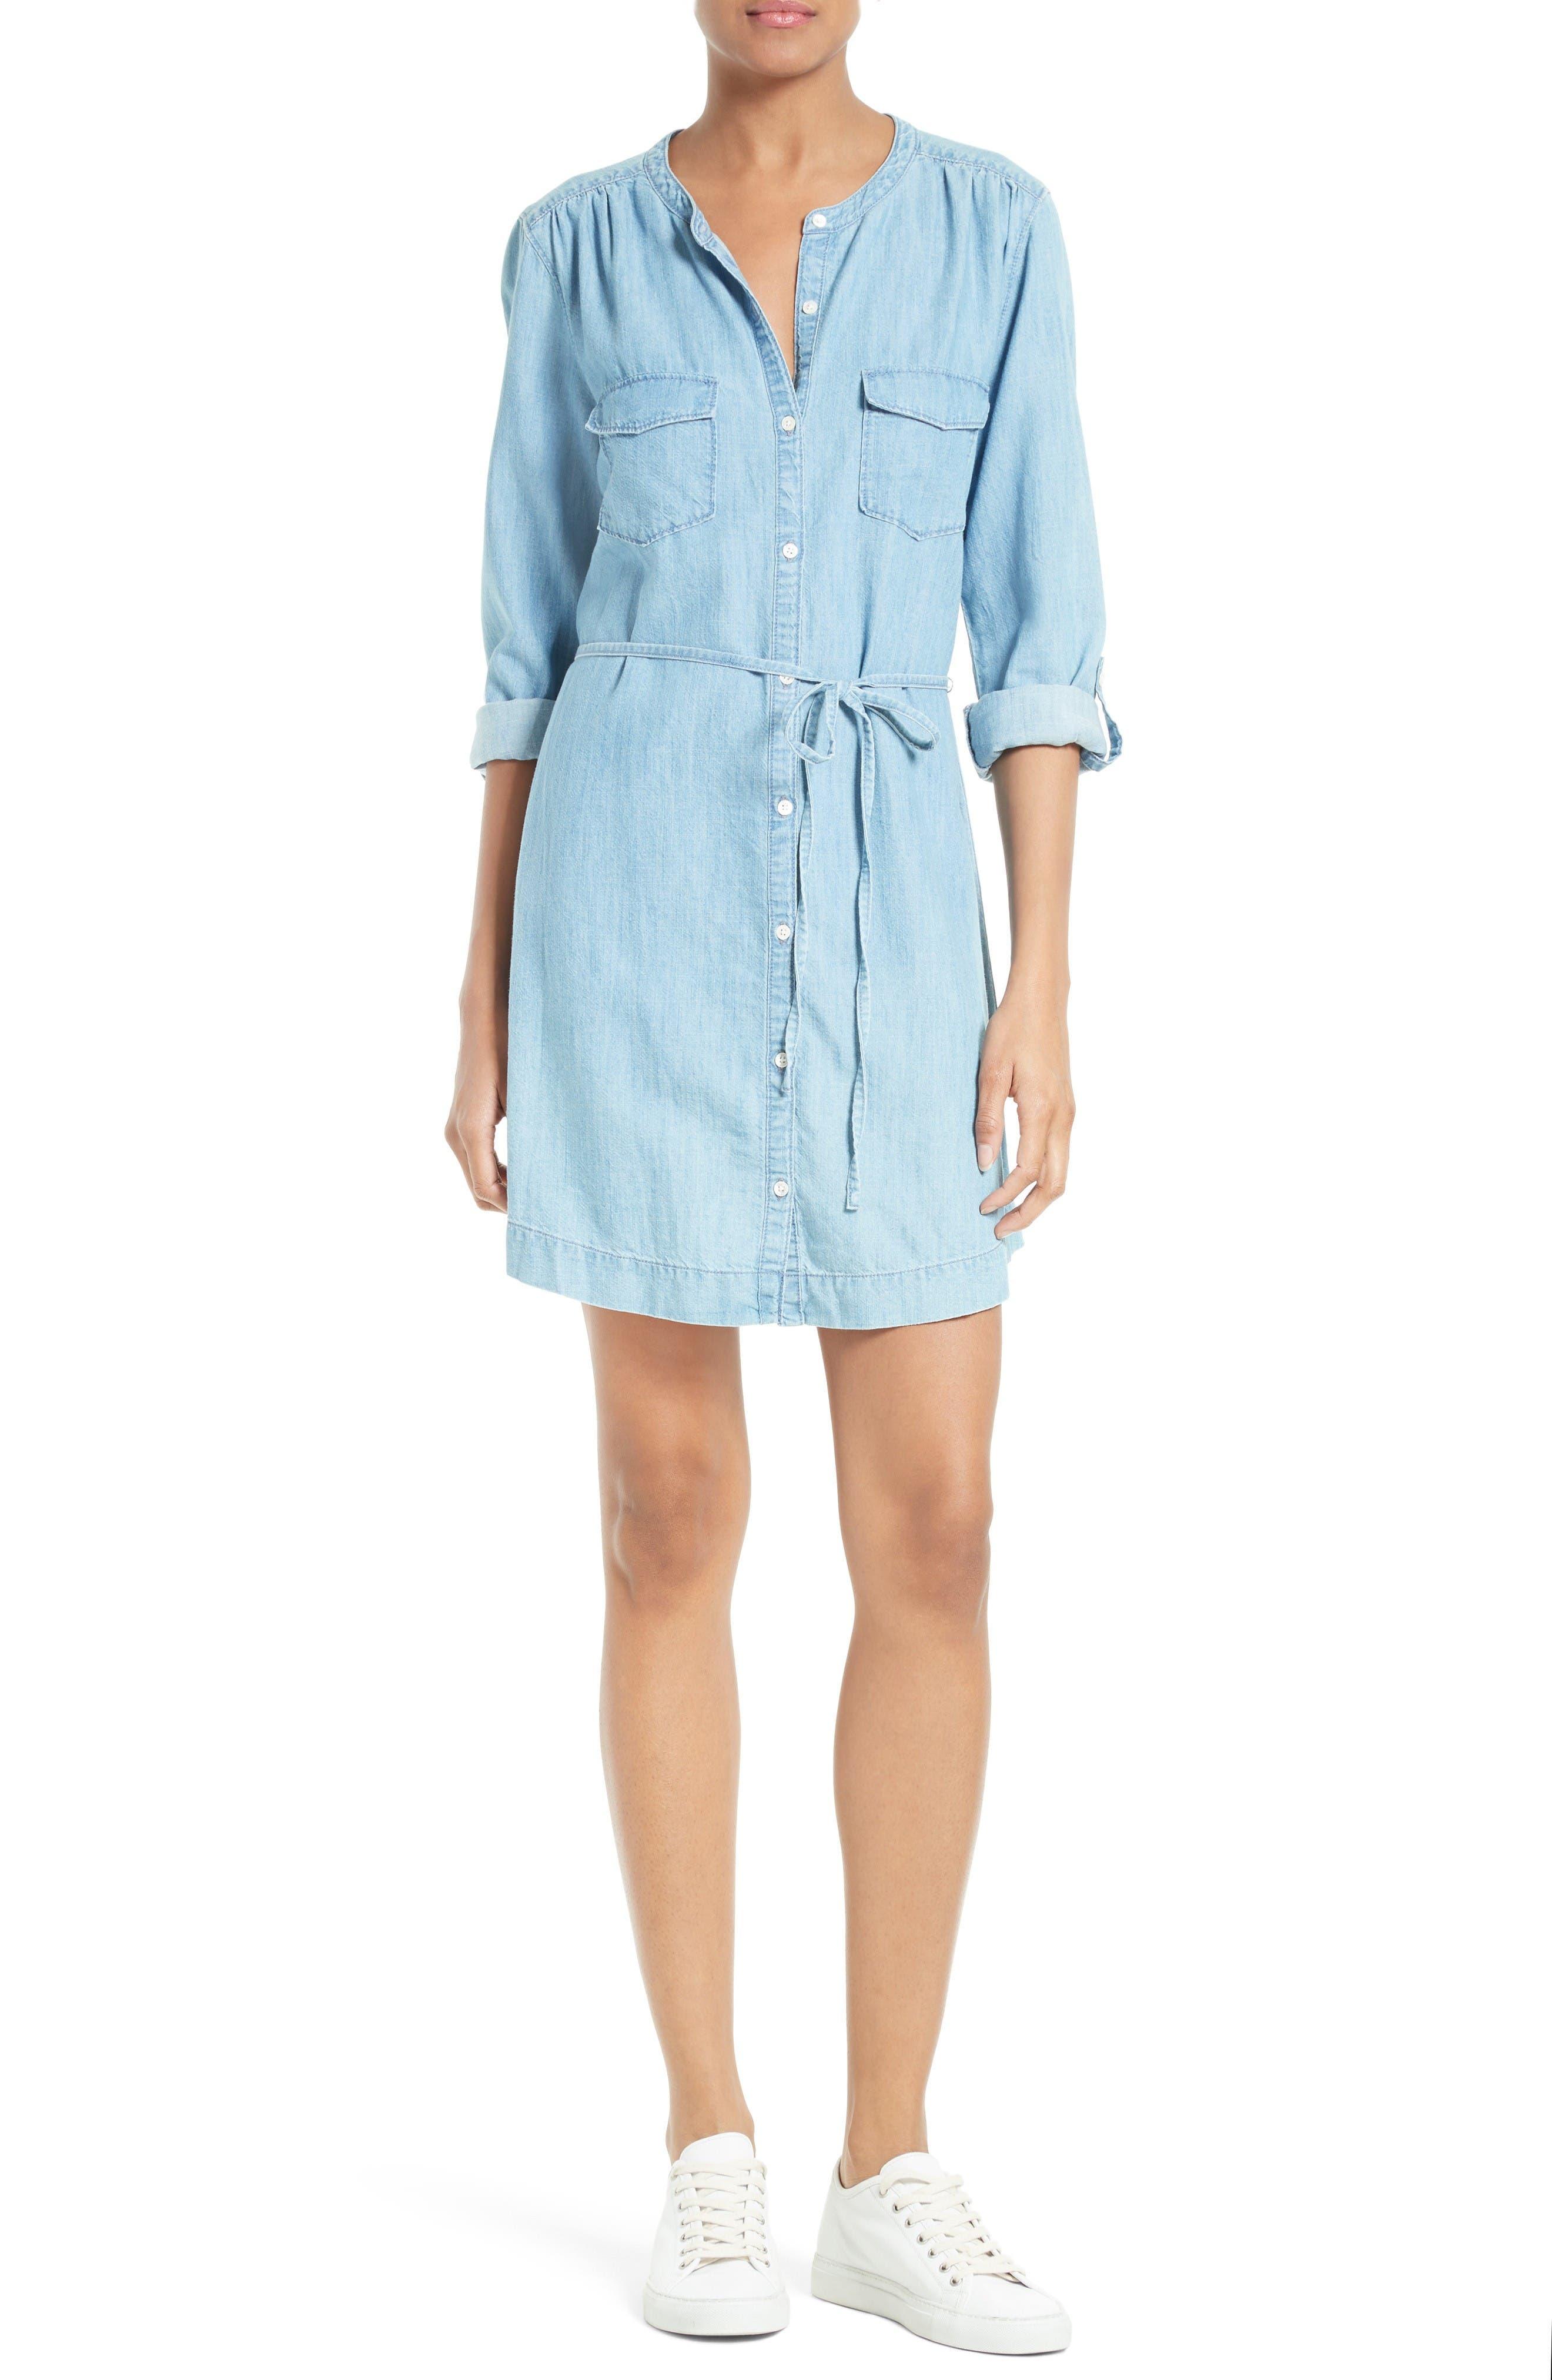 Main Image - Soft Joie Milli Chambray Shirtdress